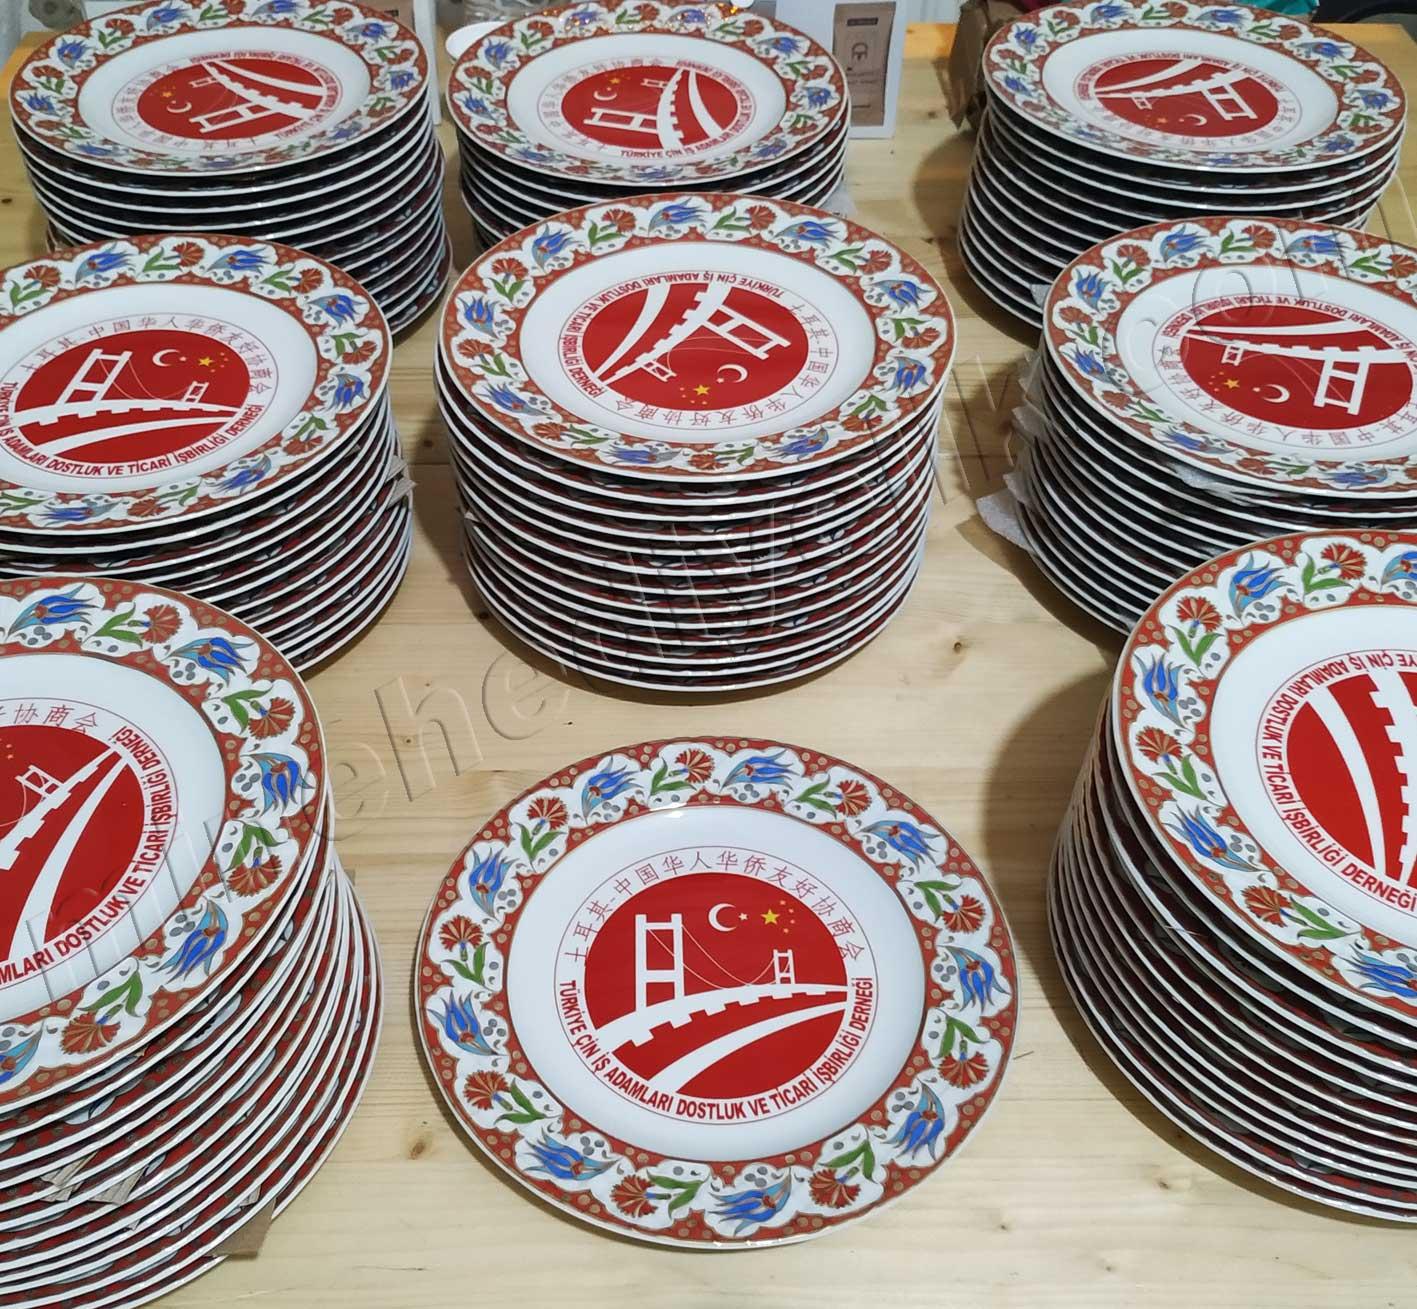 Çin Türk İş Adamları Derneği Plaket Porselen Tabak Logolu protokol hediyesi